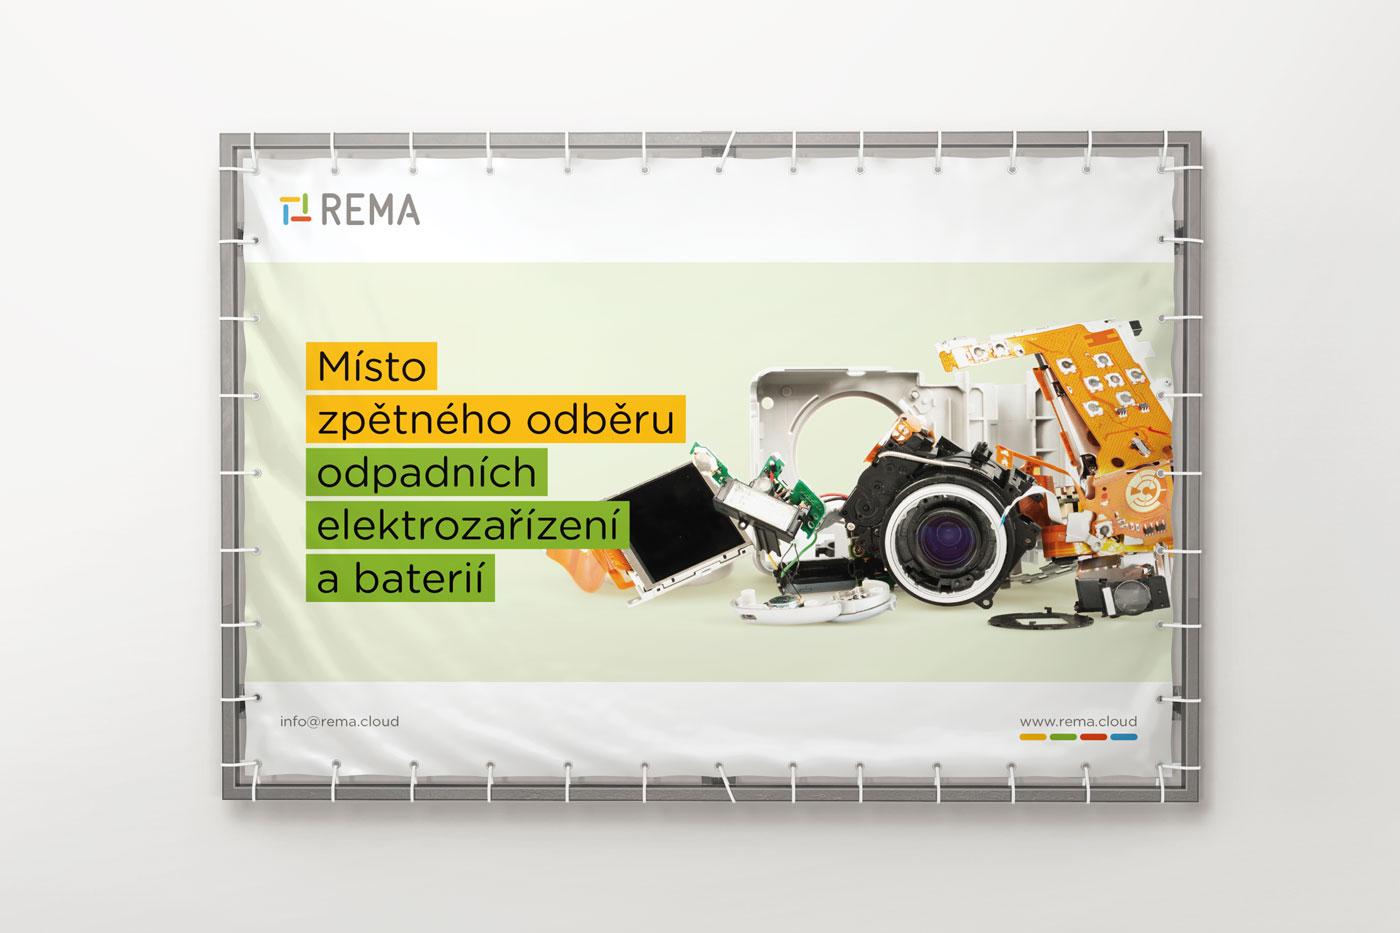 Návrh reklamního banneru pro společnost REMA - 3. varianta